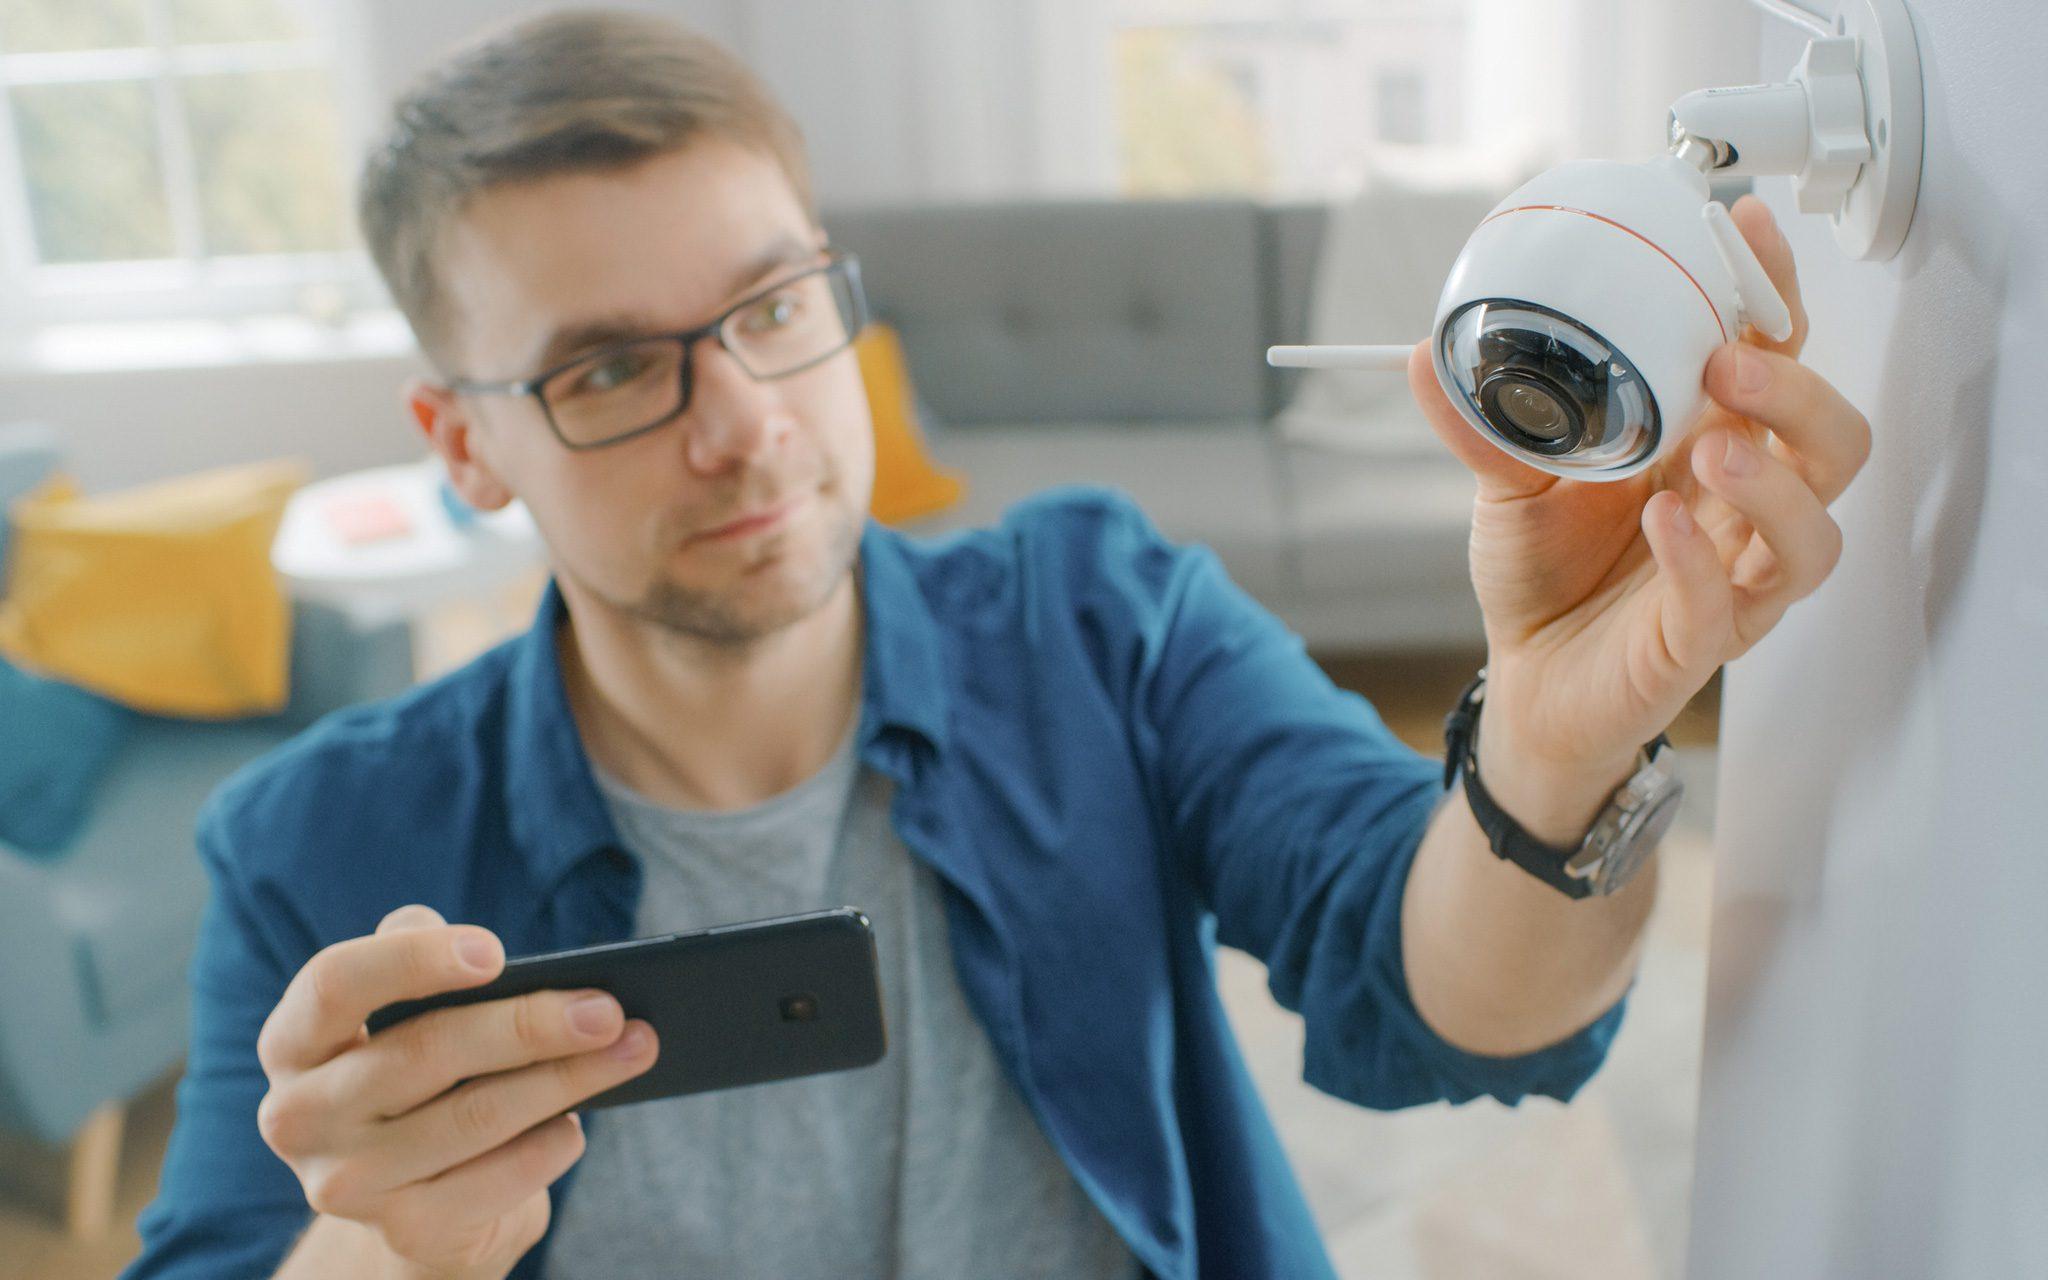 Mann stellt eine moderne Wi-Fi-Überwachungskamera ein